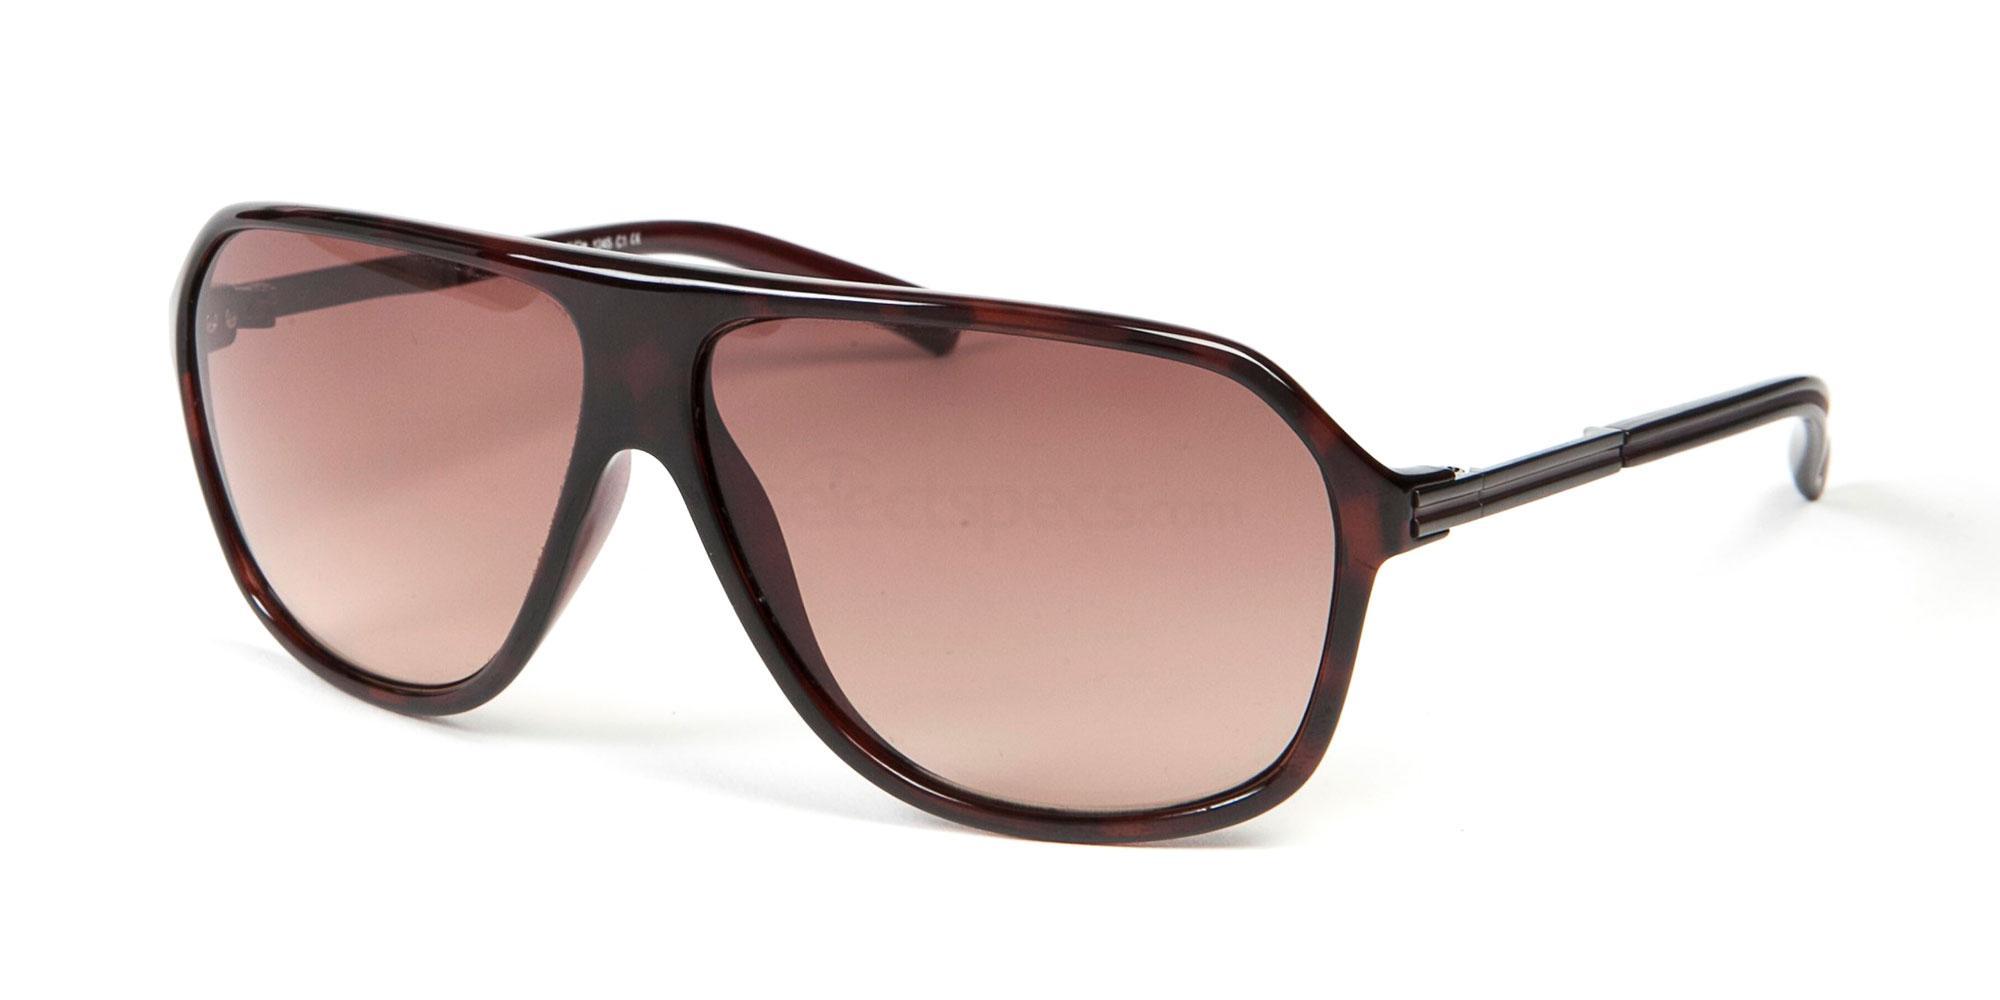 C1 124S Sunglasses, Oxford